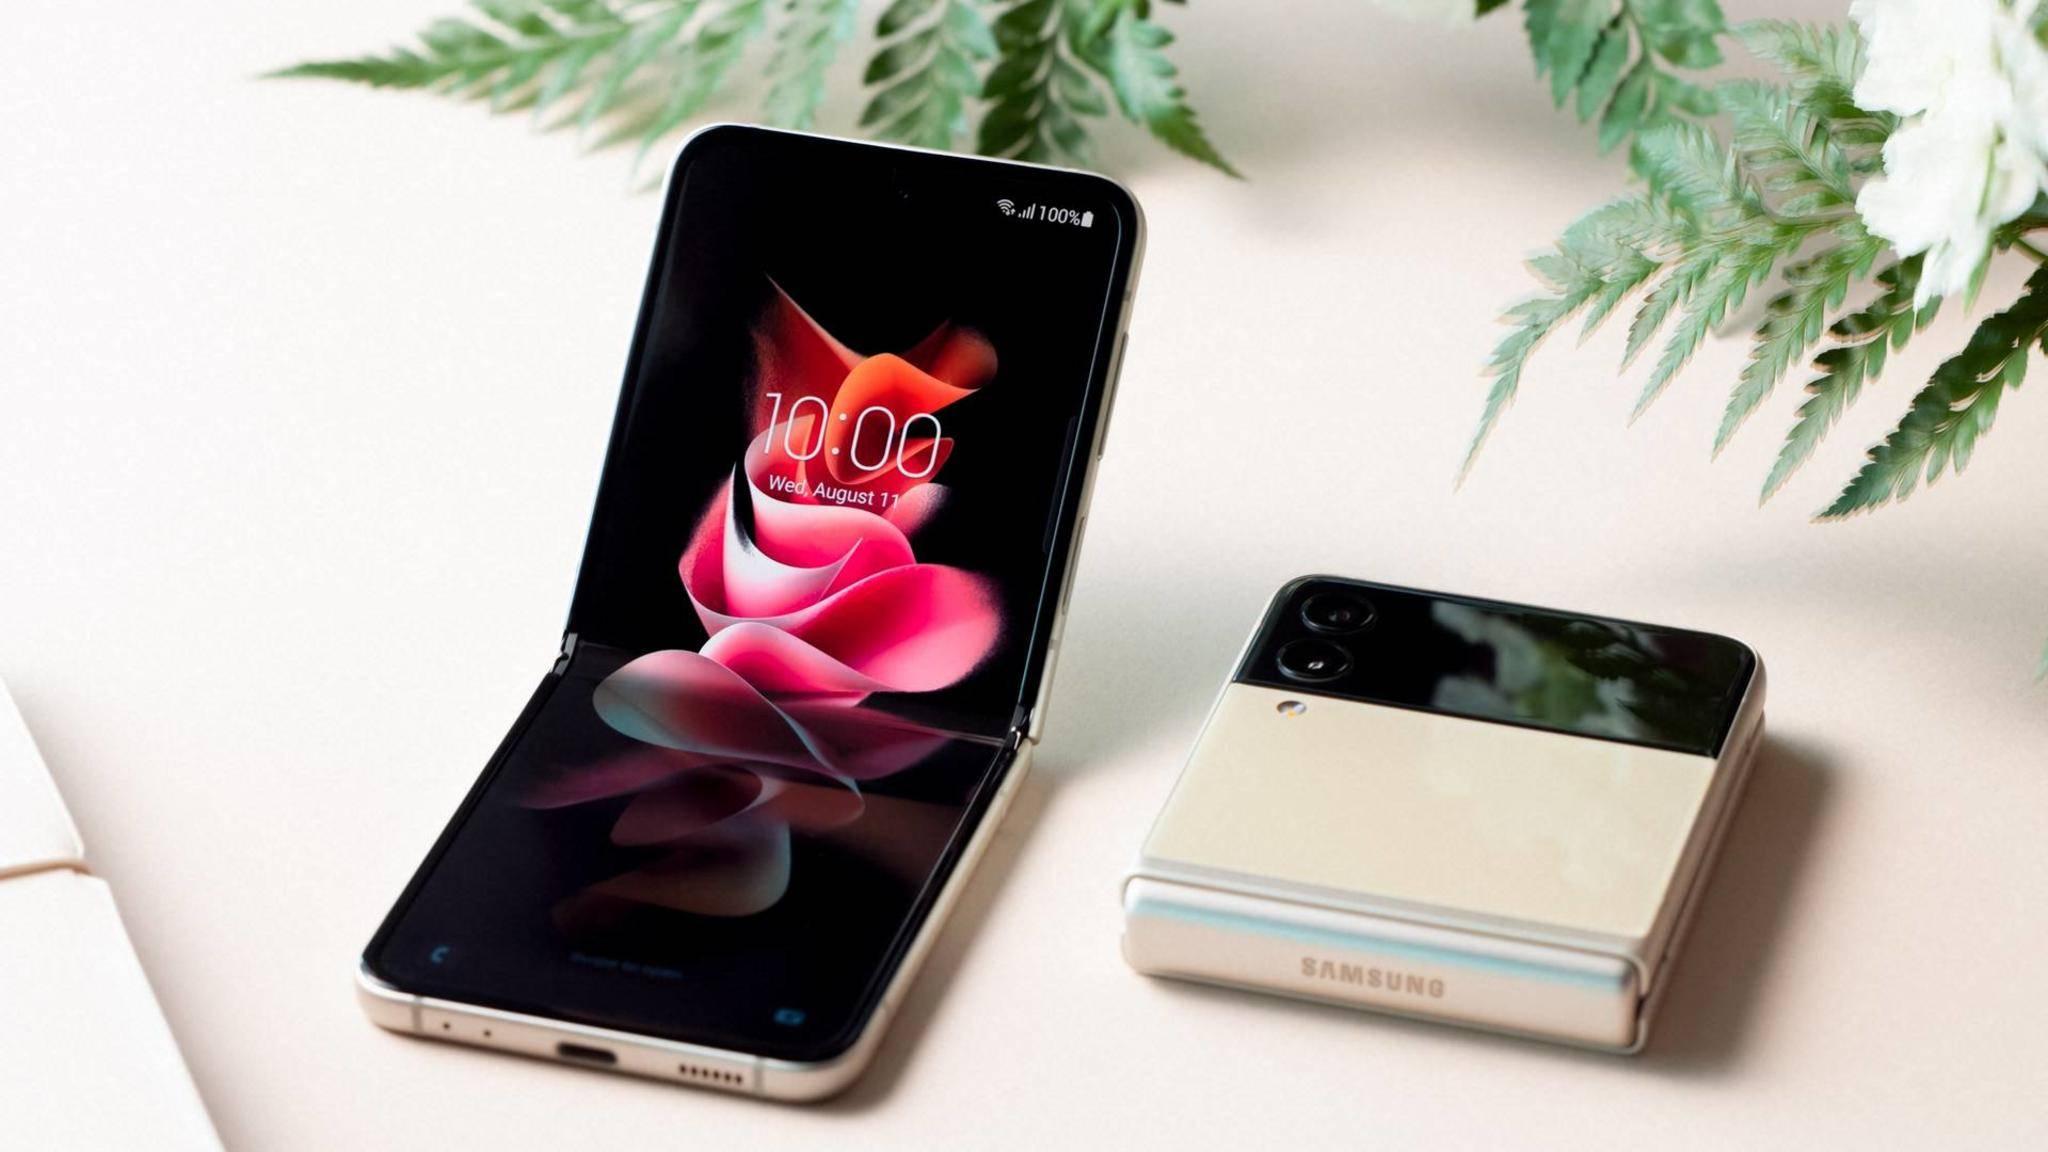 Das Galaxy Z Flip 3 will mit hochwertiger Verarbeitung, spannenden Features und einem vergleichsweise günstigen Preis überzeugen.